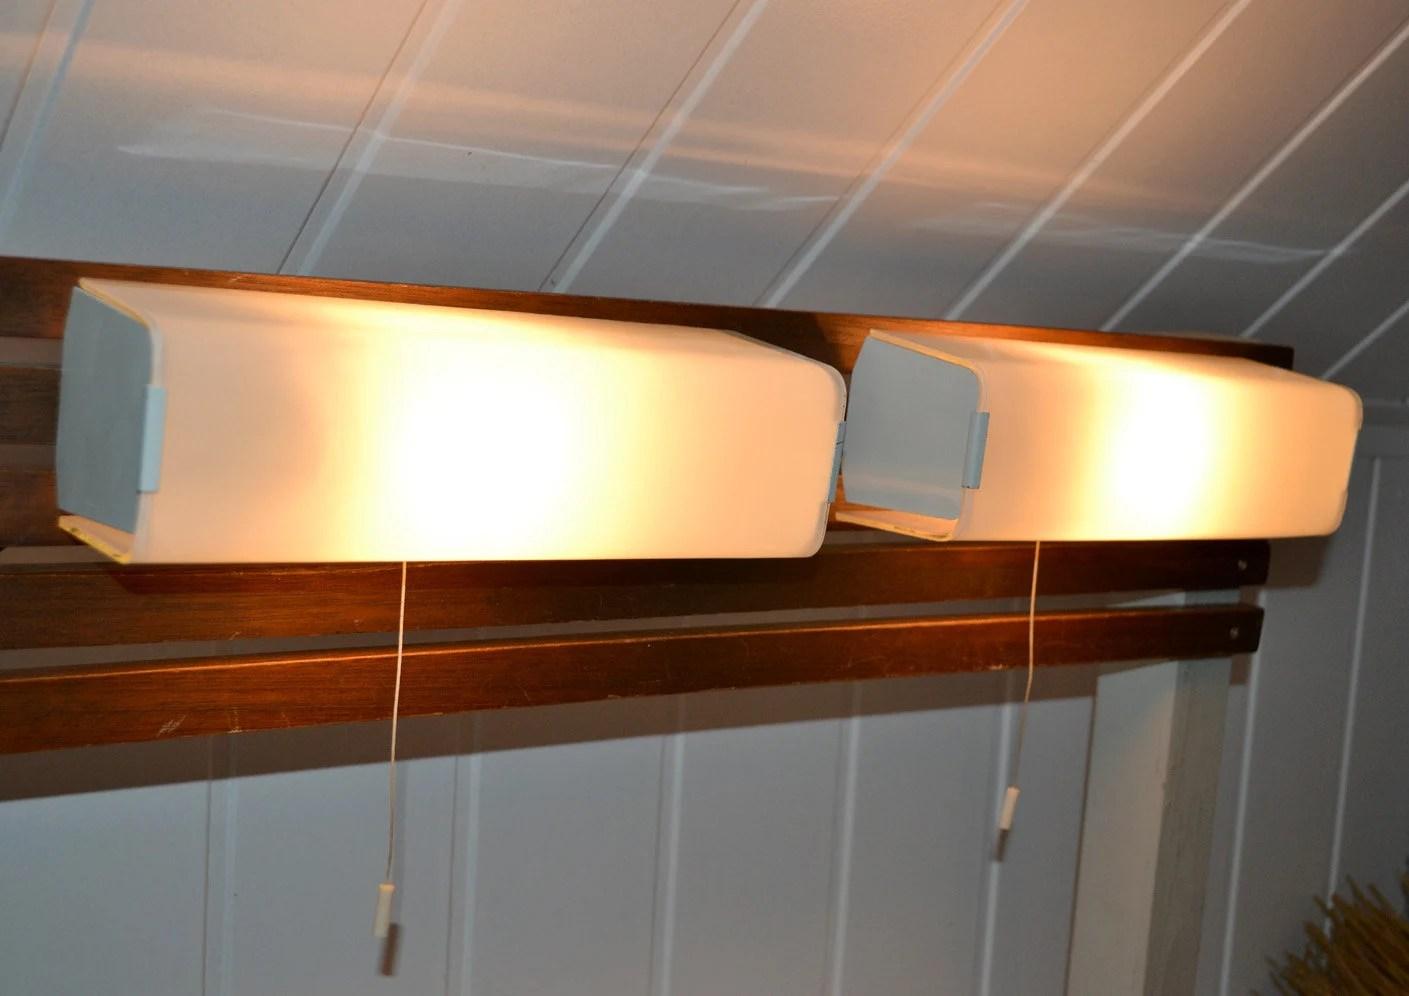 Traduzione Di Sdraio In Inglese Traduci vasca da bagno in spagnolo cozy apartment in via degli